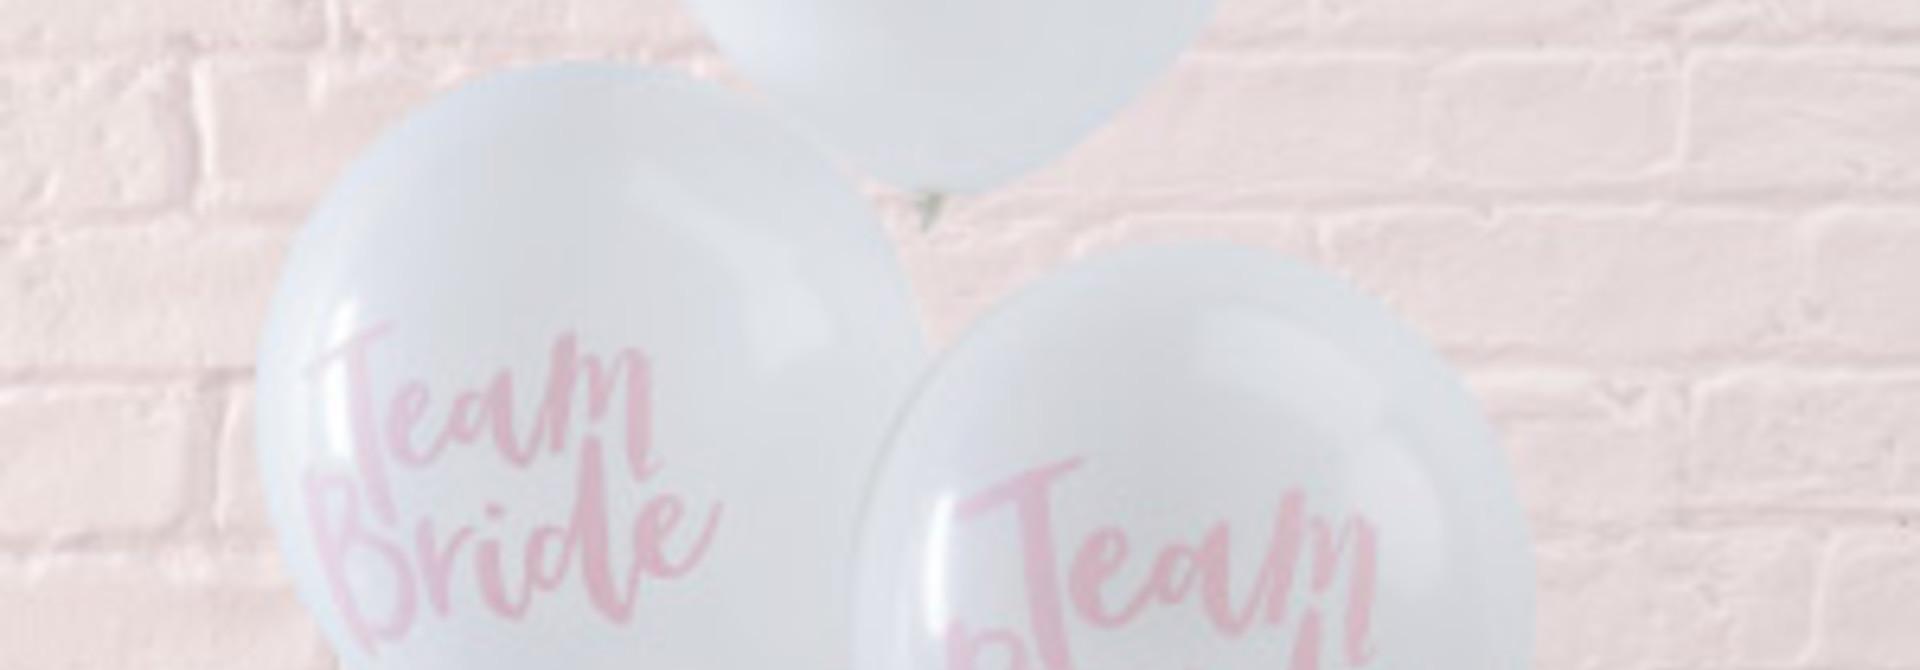 Team bride ballonnen (10 st)